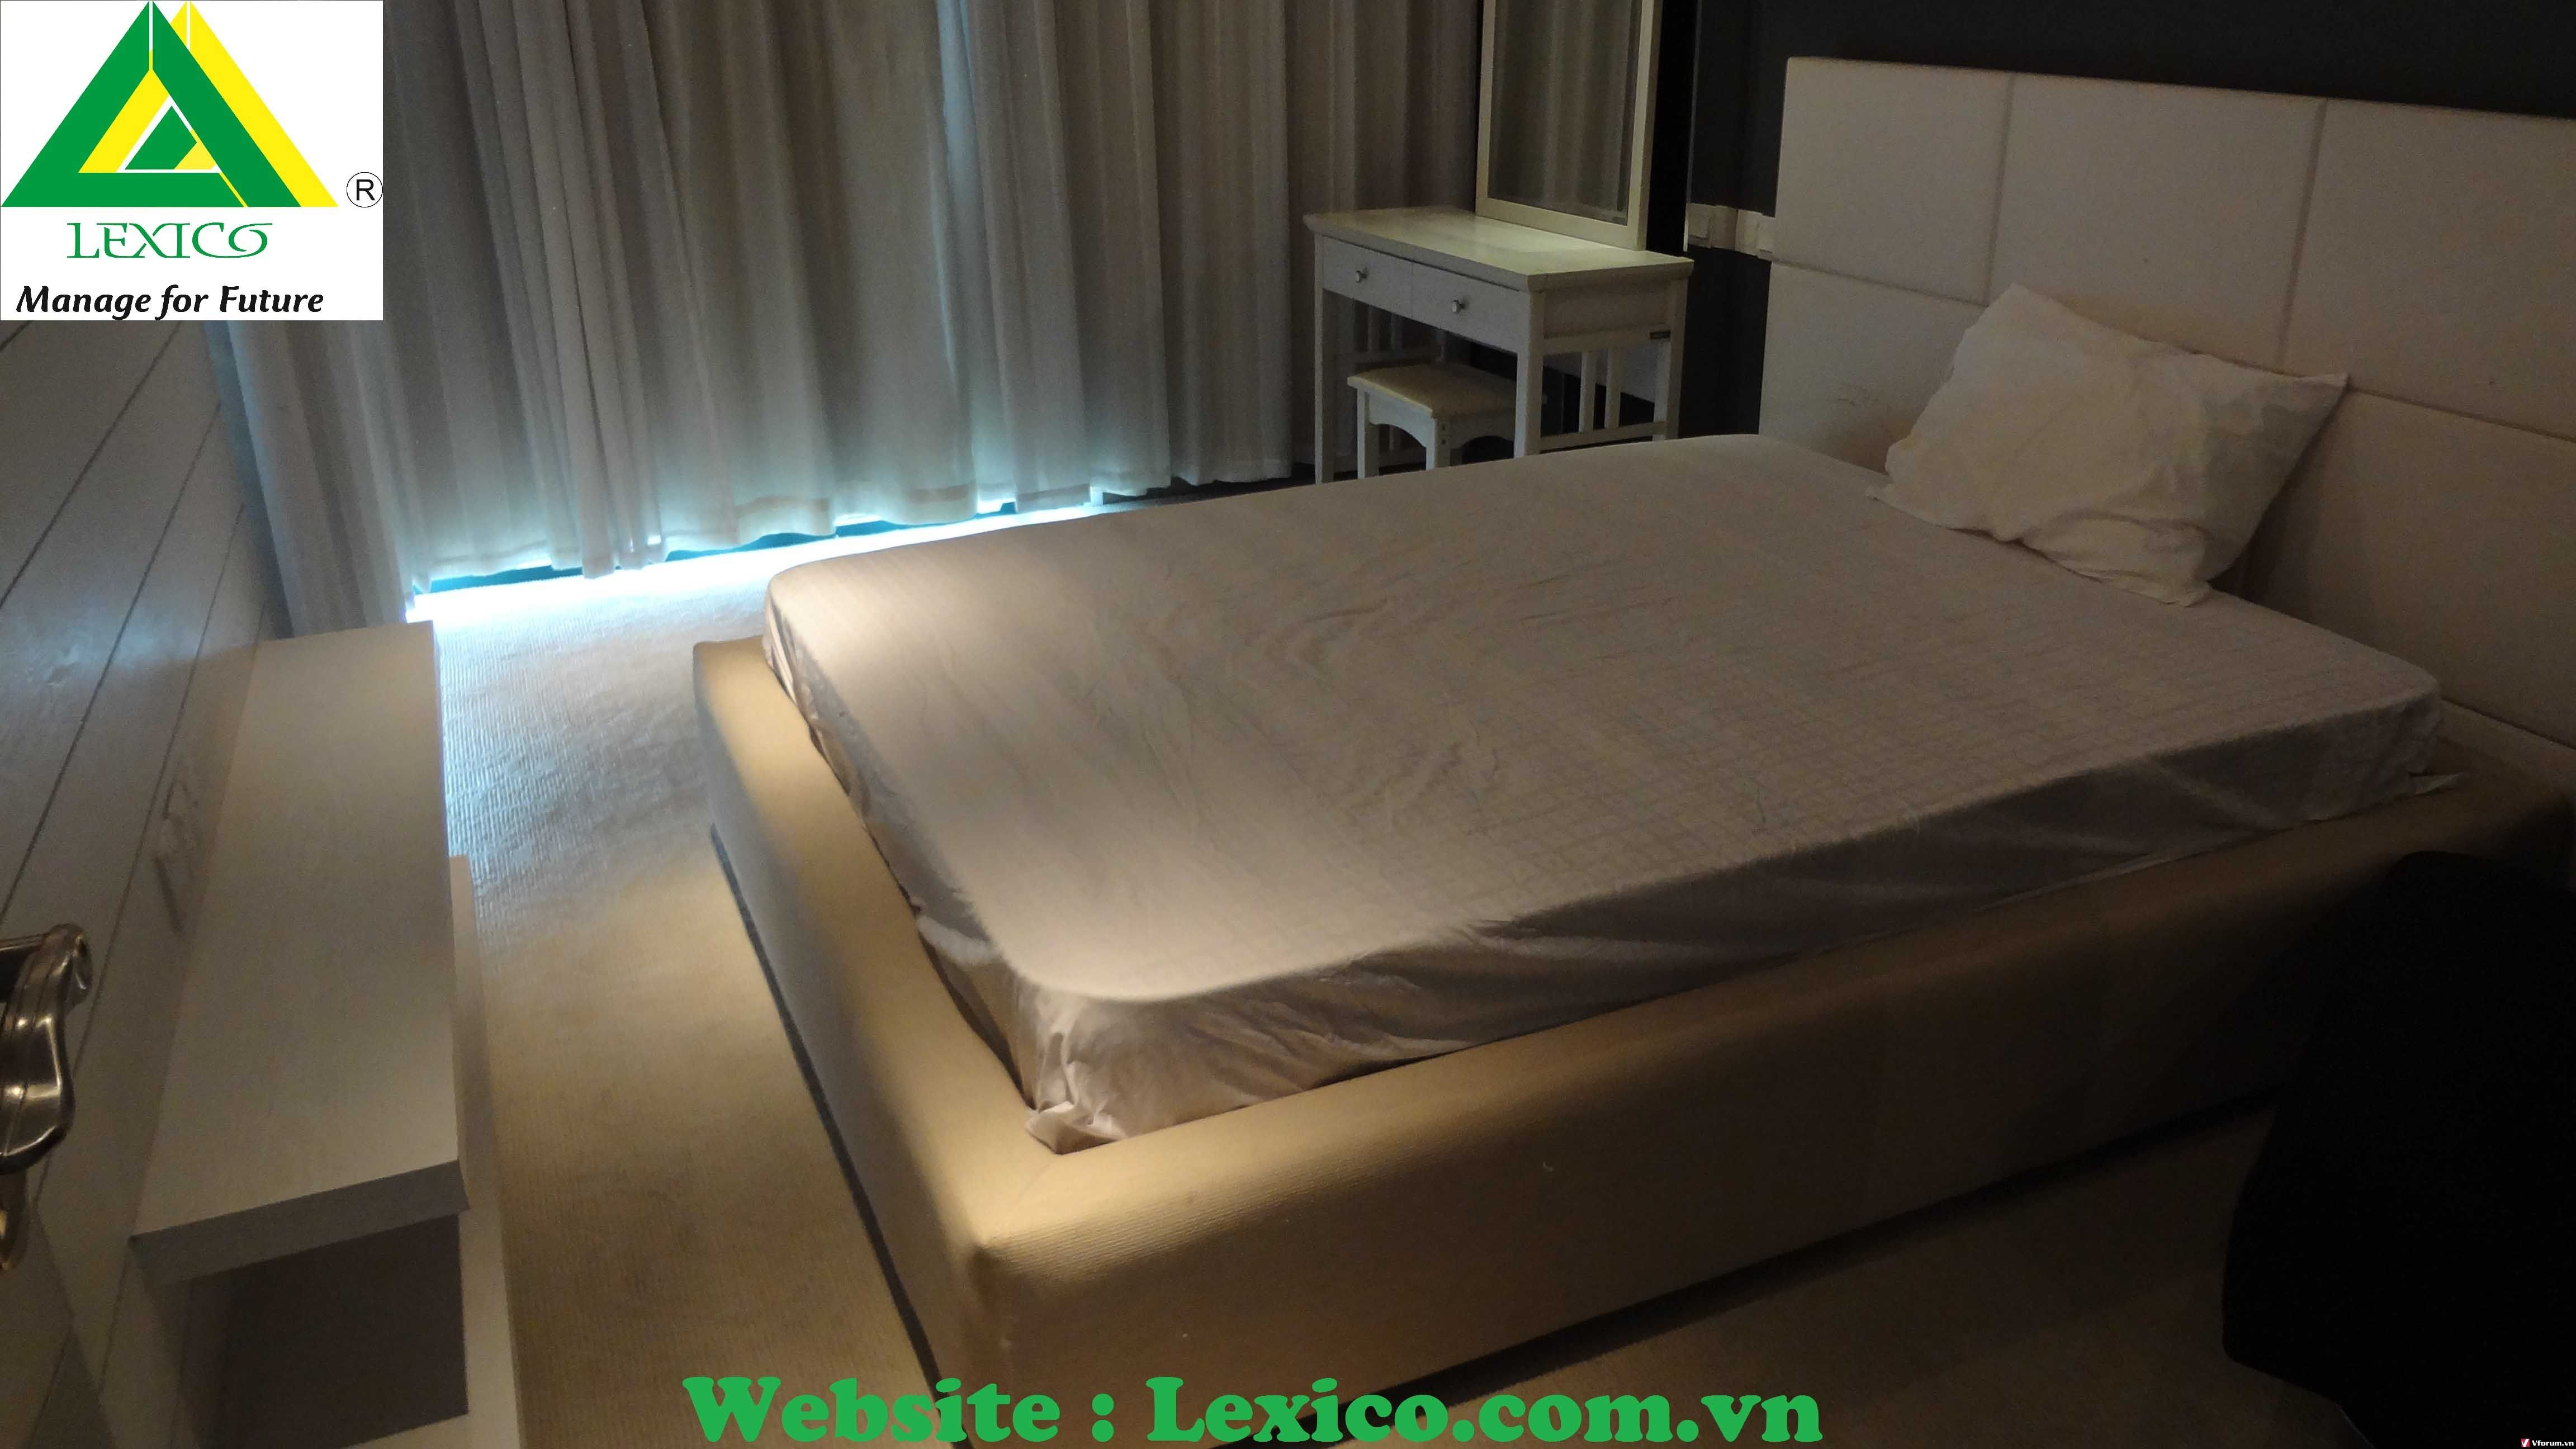 www.123nhanh.com: Căn hộ cao cấp 175m2 - 3 phòng ngủ tại tòa nhà TD Plaza